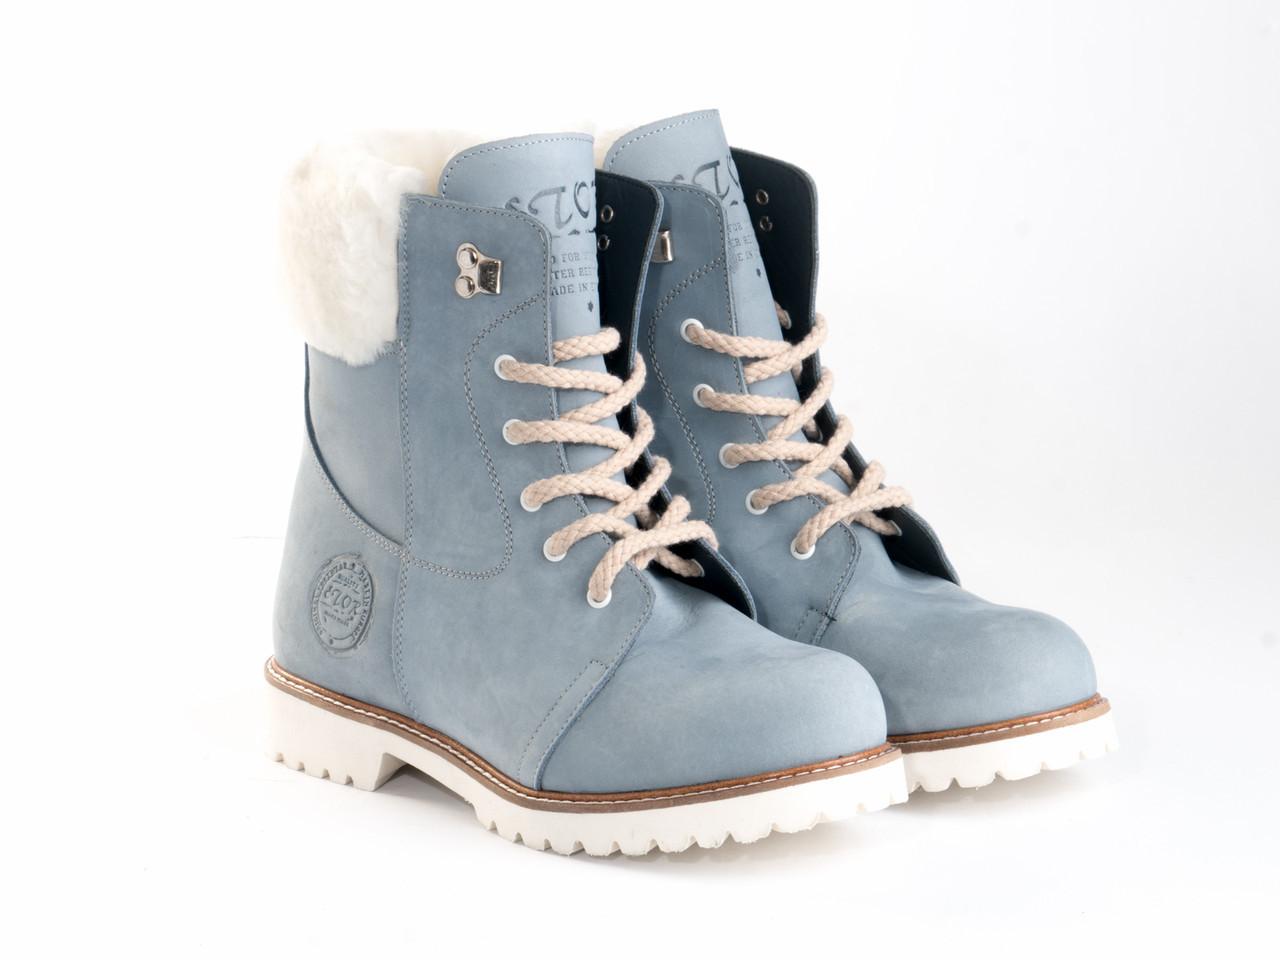 Ботинки Etor 6419-2298-488 41 голубые